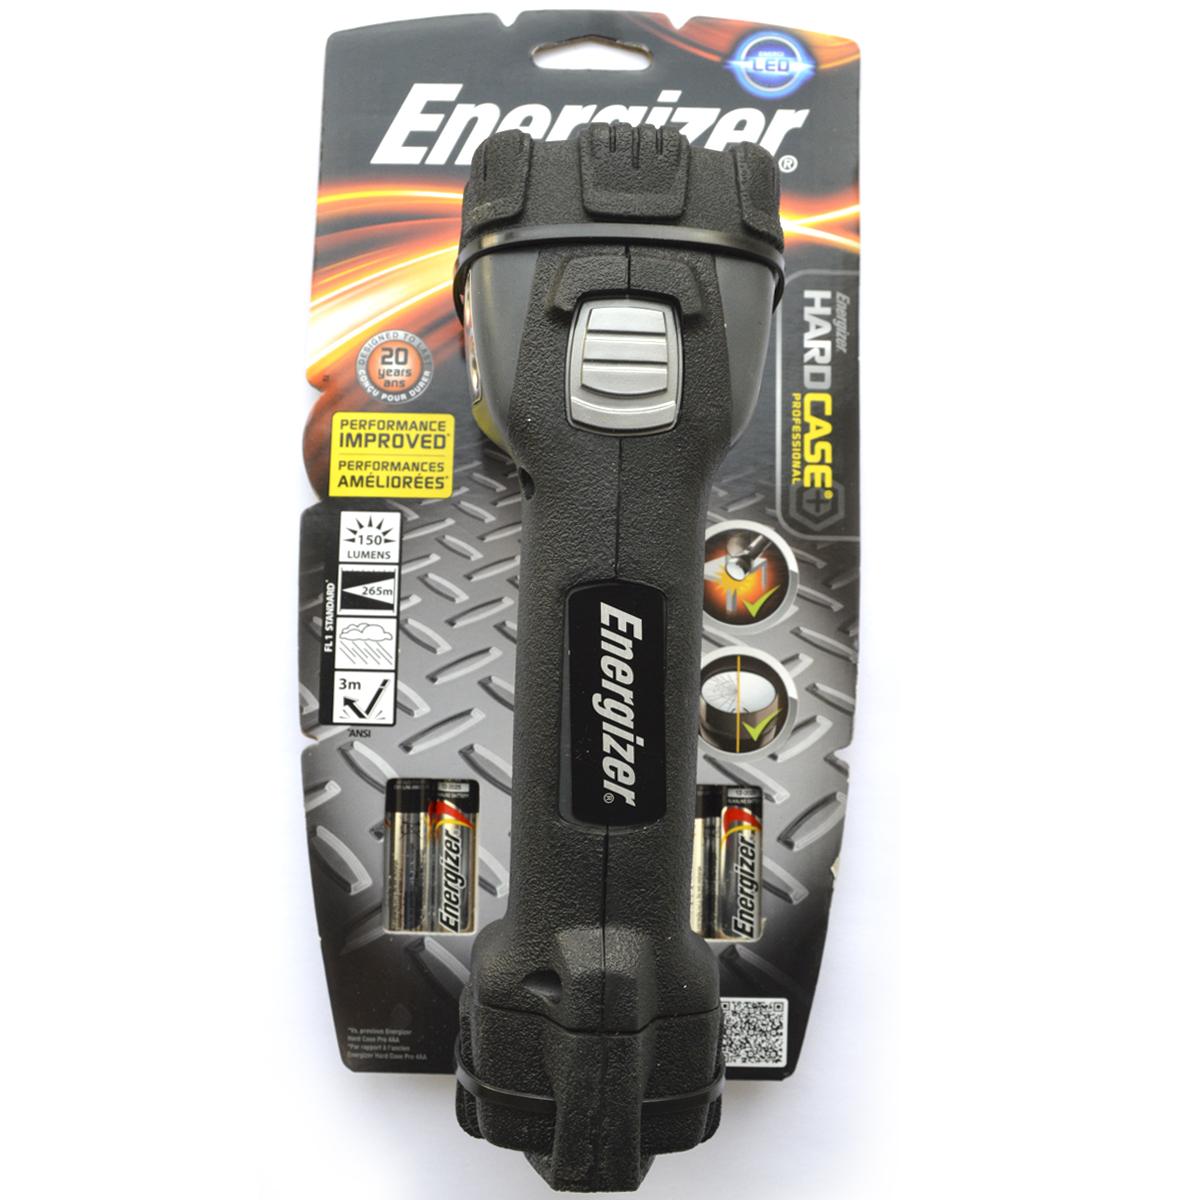 Фонарь ручной Energizer HardCase Pro 1LED638532Яркий белый точечный светодиод создает мощный узконаправленный луч.Высокая ударопрочность.Безосколочные линзы – небьющиеся.Чрезвычайно длительный срок службы – рассчитан на 15 лет. Работает от 4 щелочных батареек типоразмера AA (в комплекте).